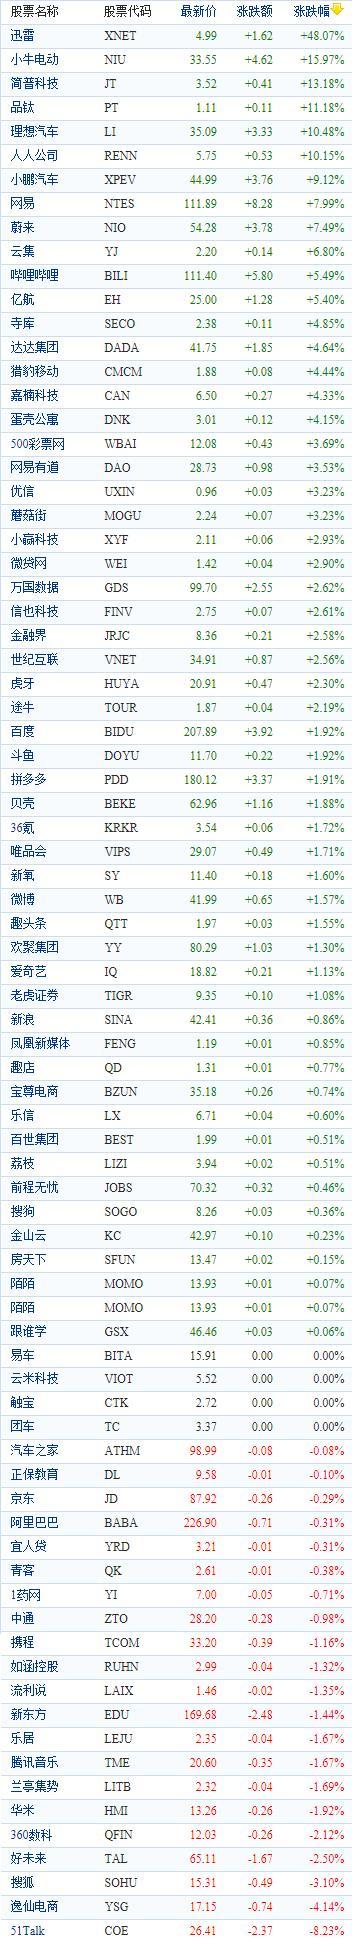 中国概念股周四收盘多数上涨 理想、小鹏、蔚来涨幅均超7%